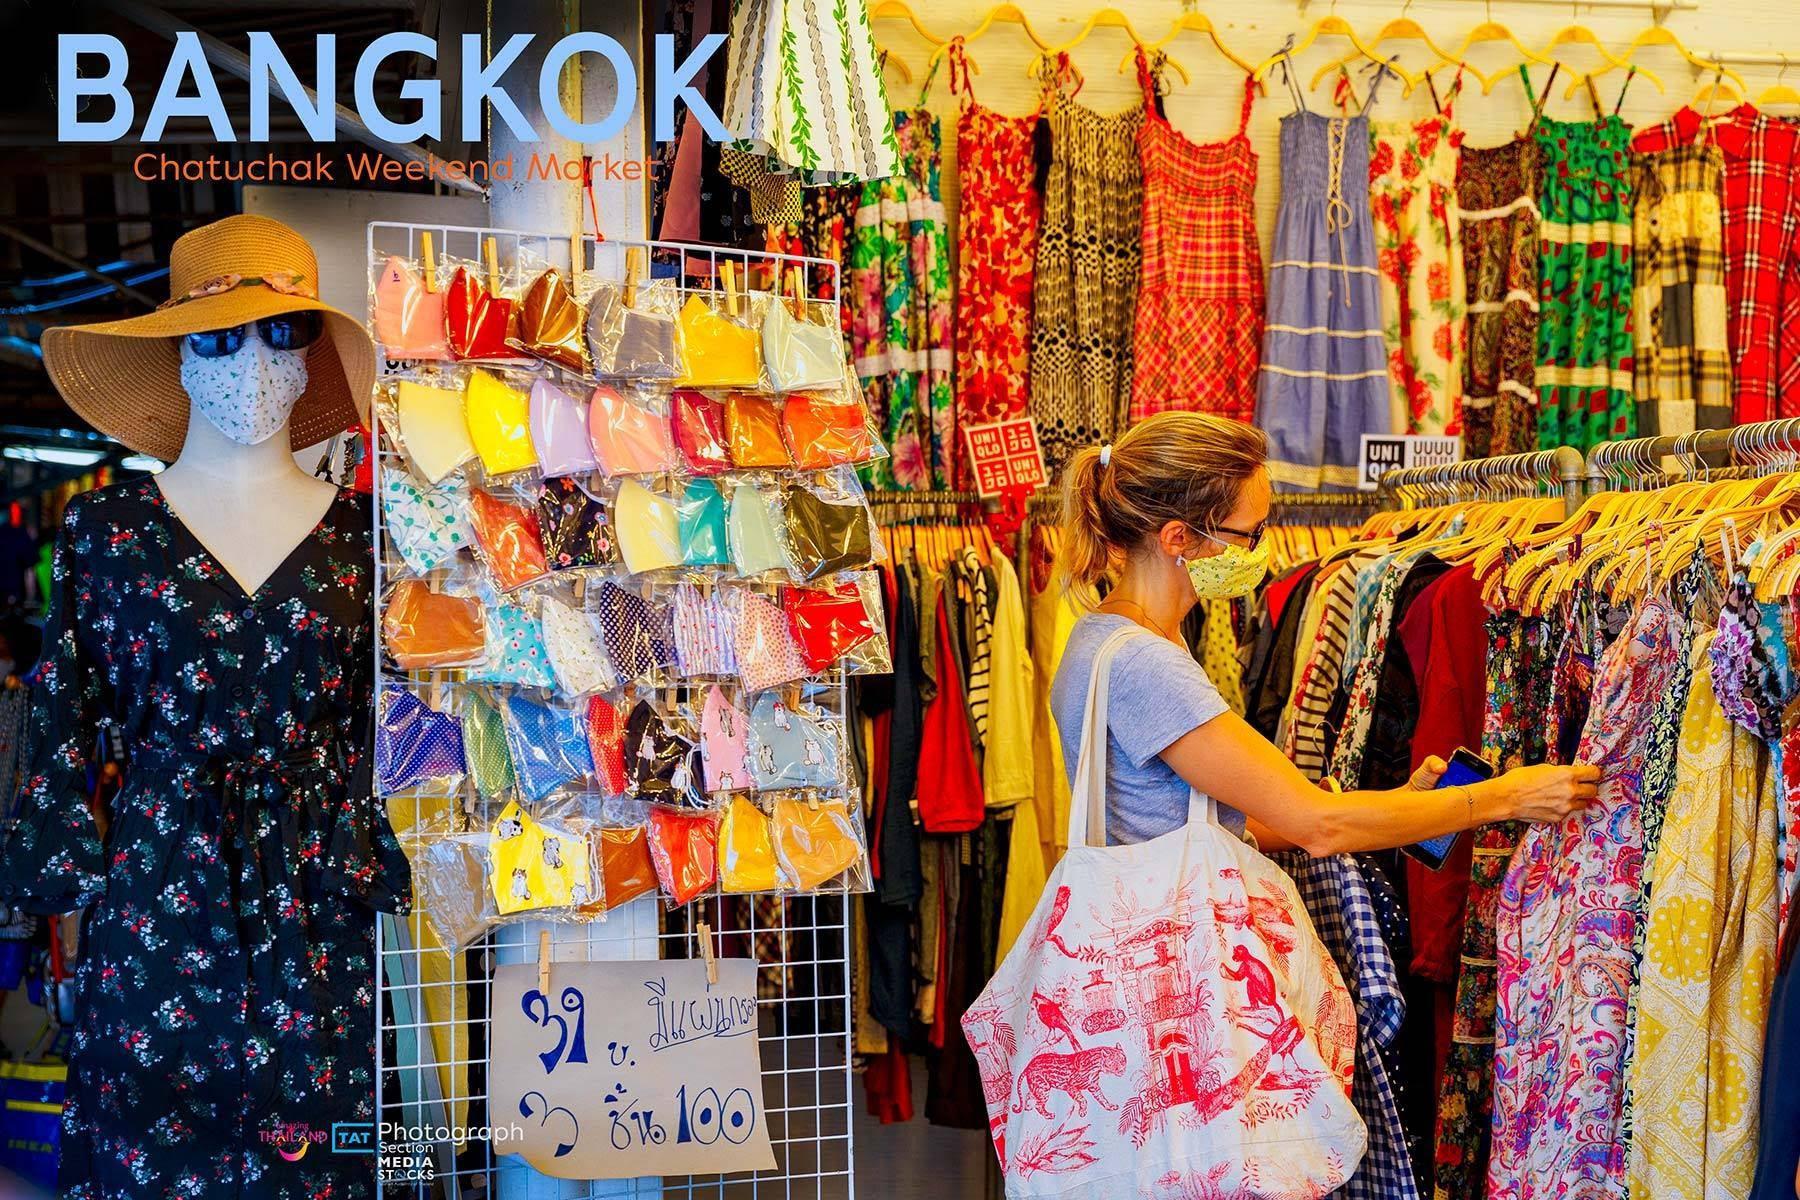 Chờ ngày hết dịch, mình hẹn gặp nhau tại 5 ga tàu đi khắp Bangkok này bạn nhé! - Ảnh 13.